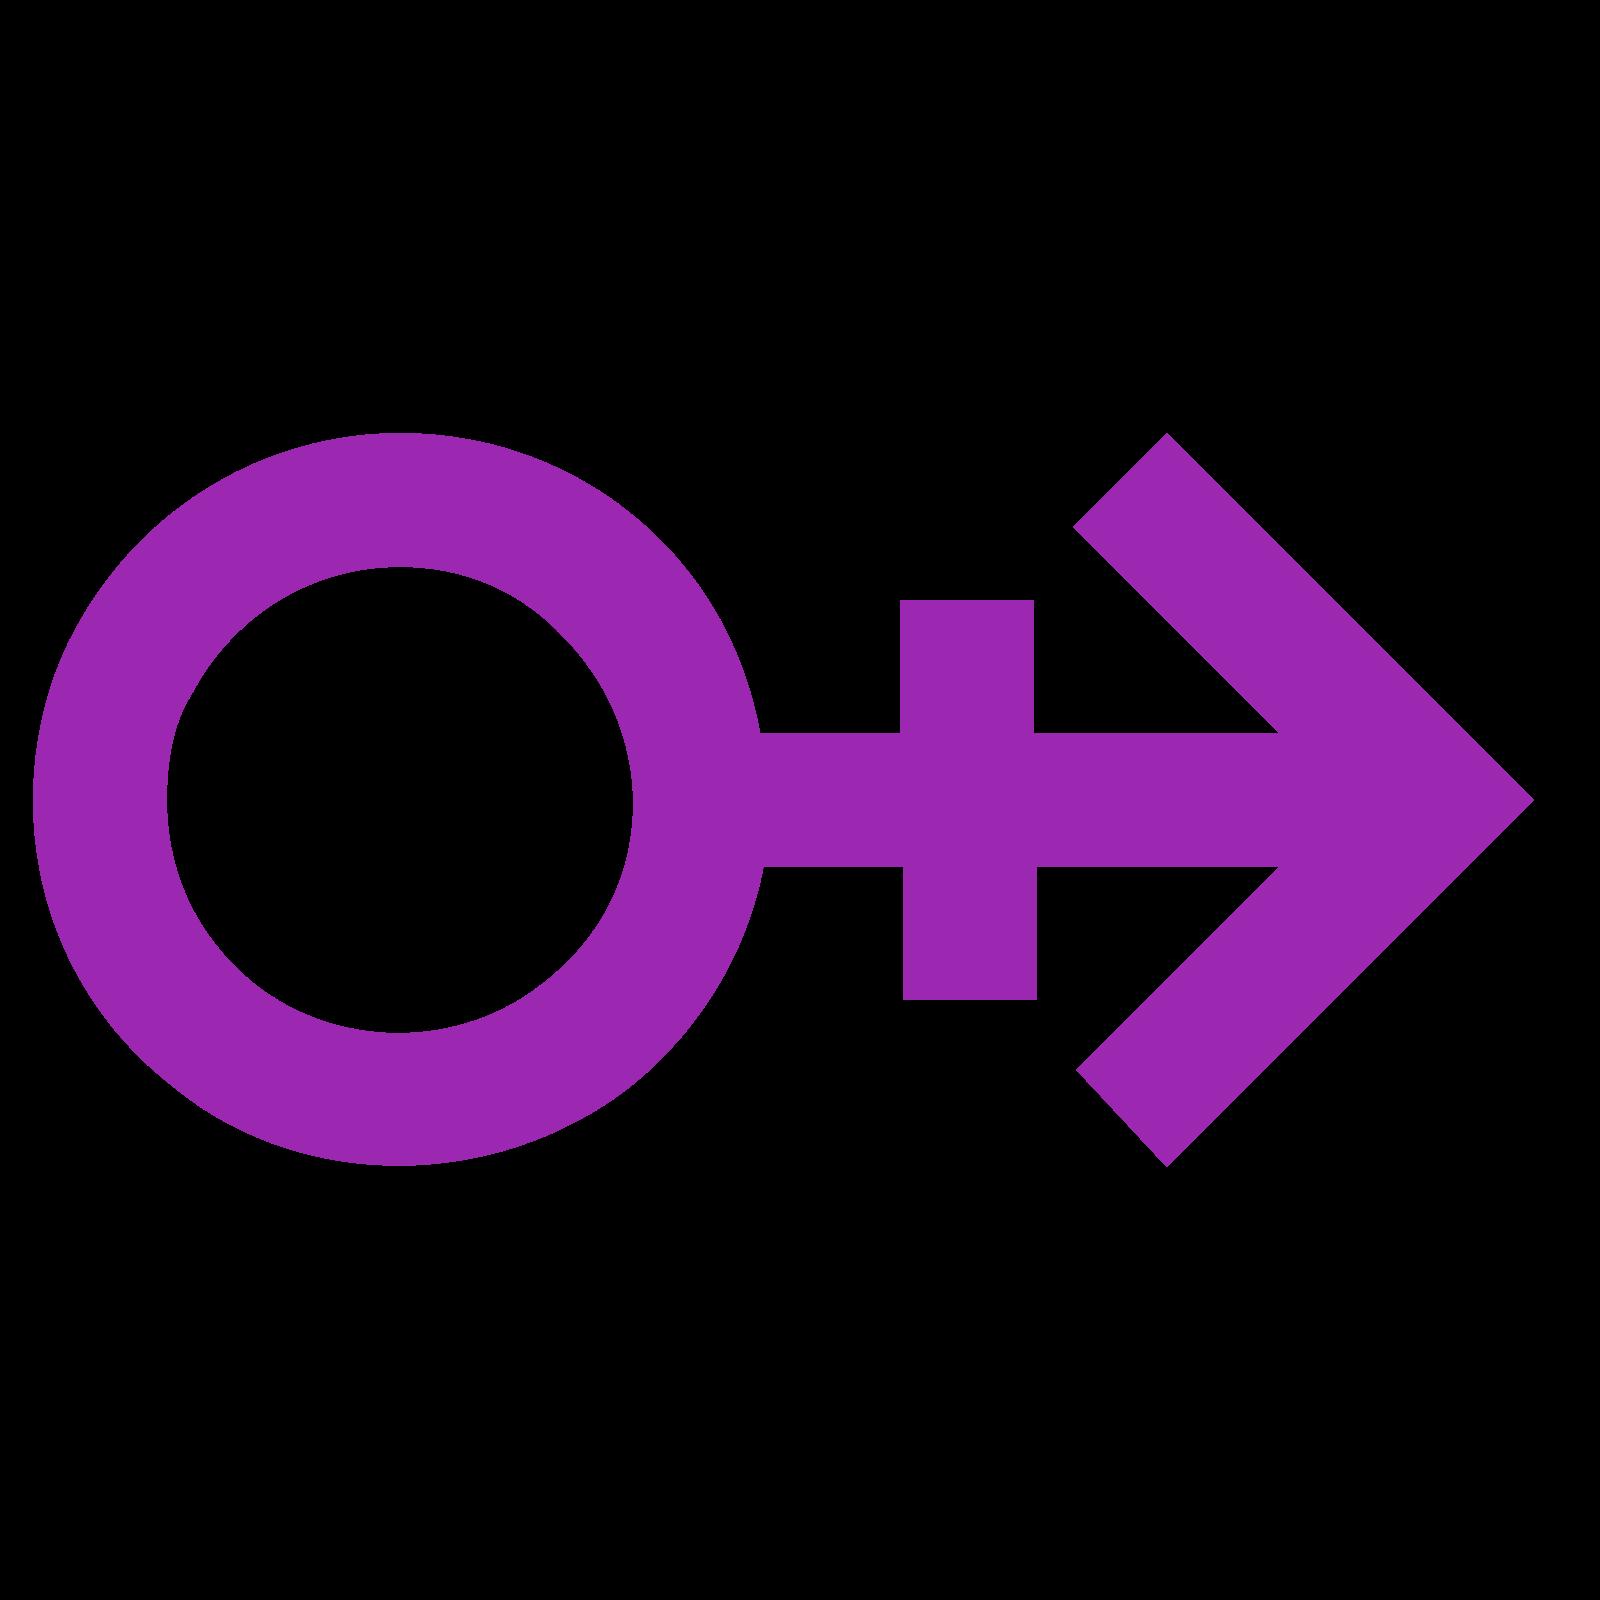 Mężczyzna obrys H icon